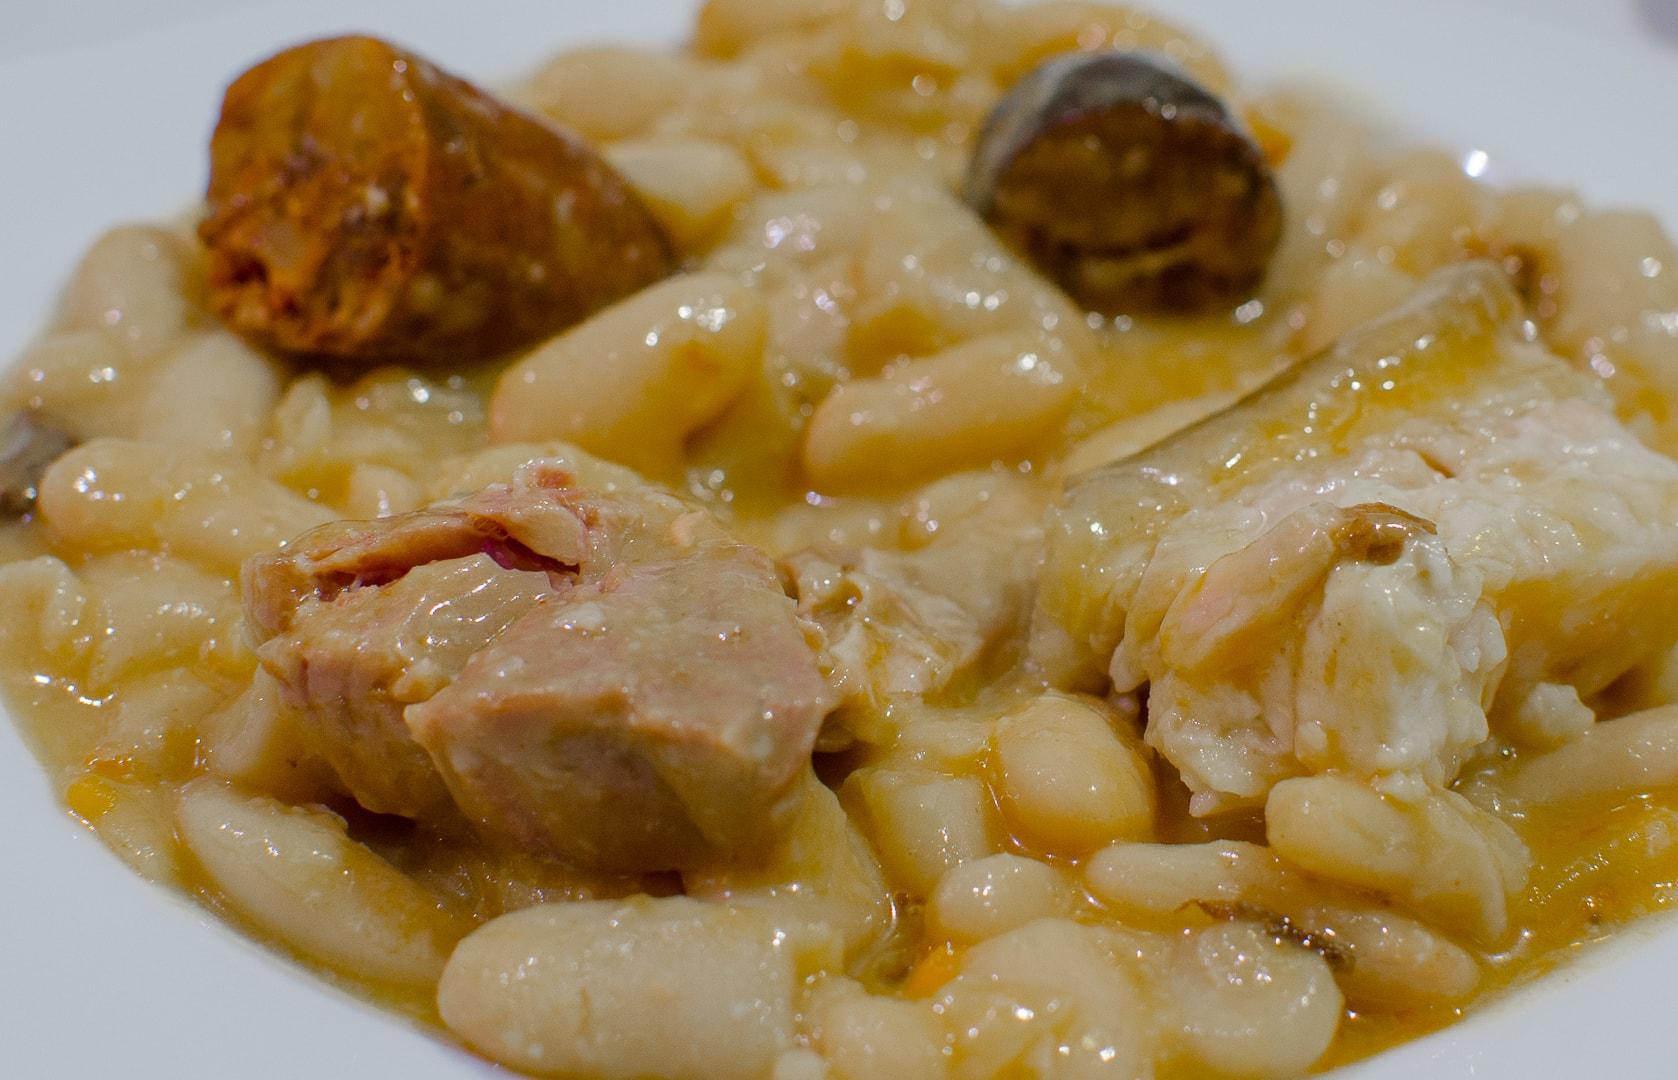 Concurso de Fabada Asturiana - Taberna Asturiana Zapico